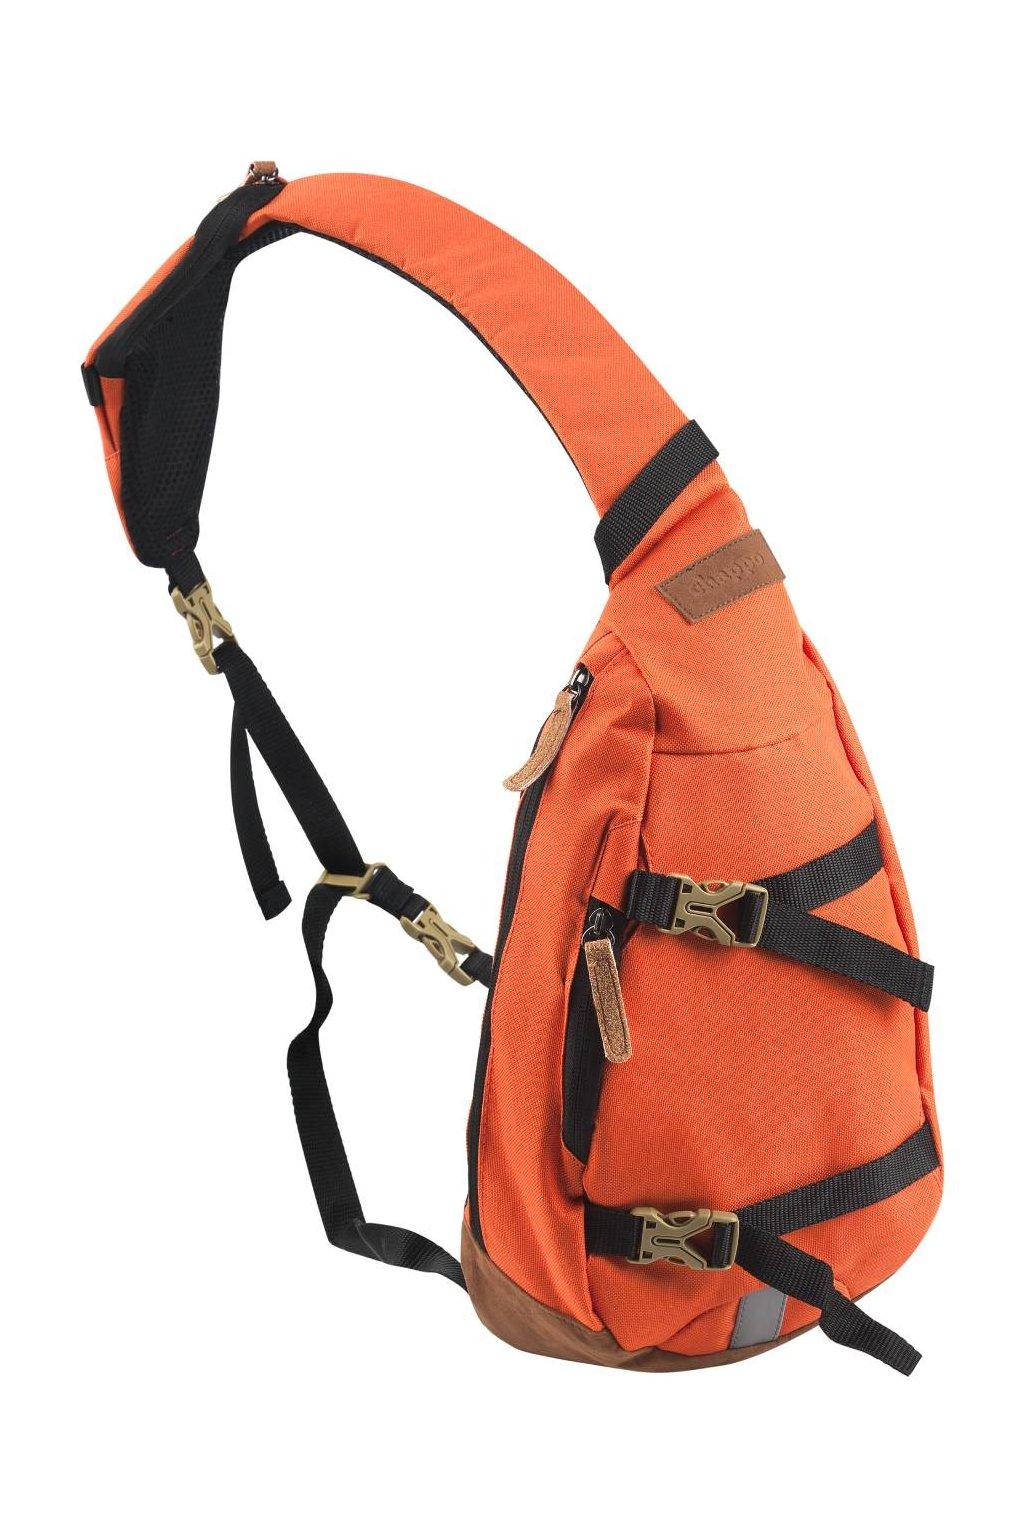 kufrland chappo slingclassic orange9